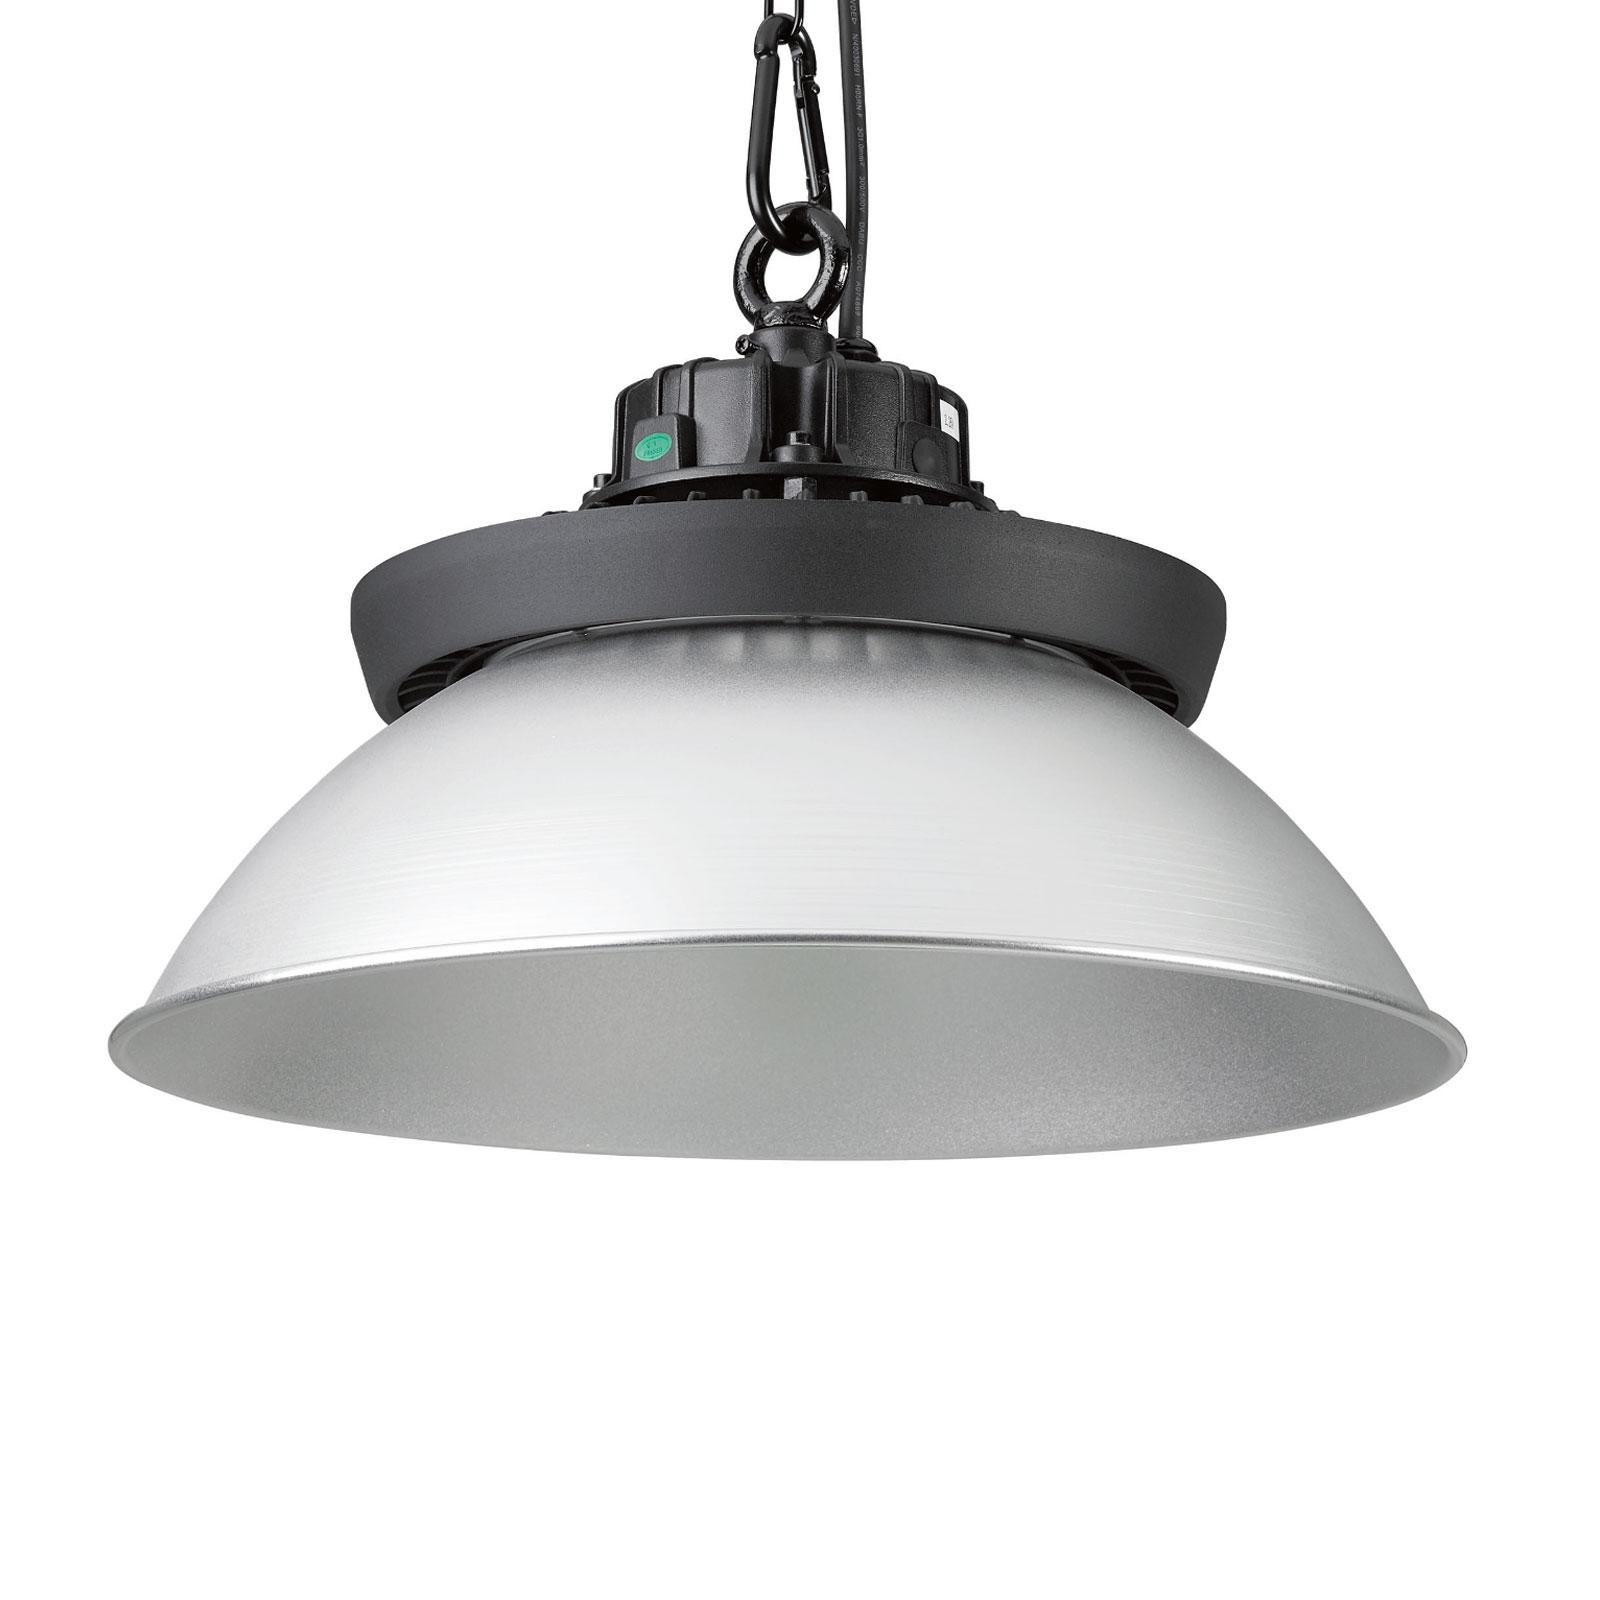 Reflektor for Highbay Start 13/19KLM aluminium